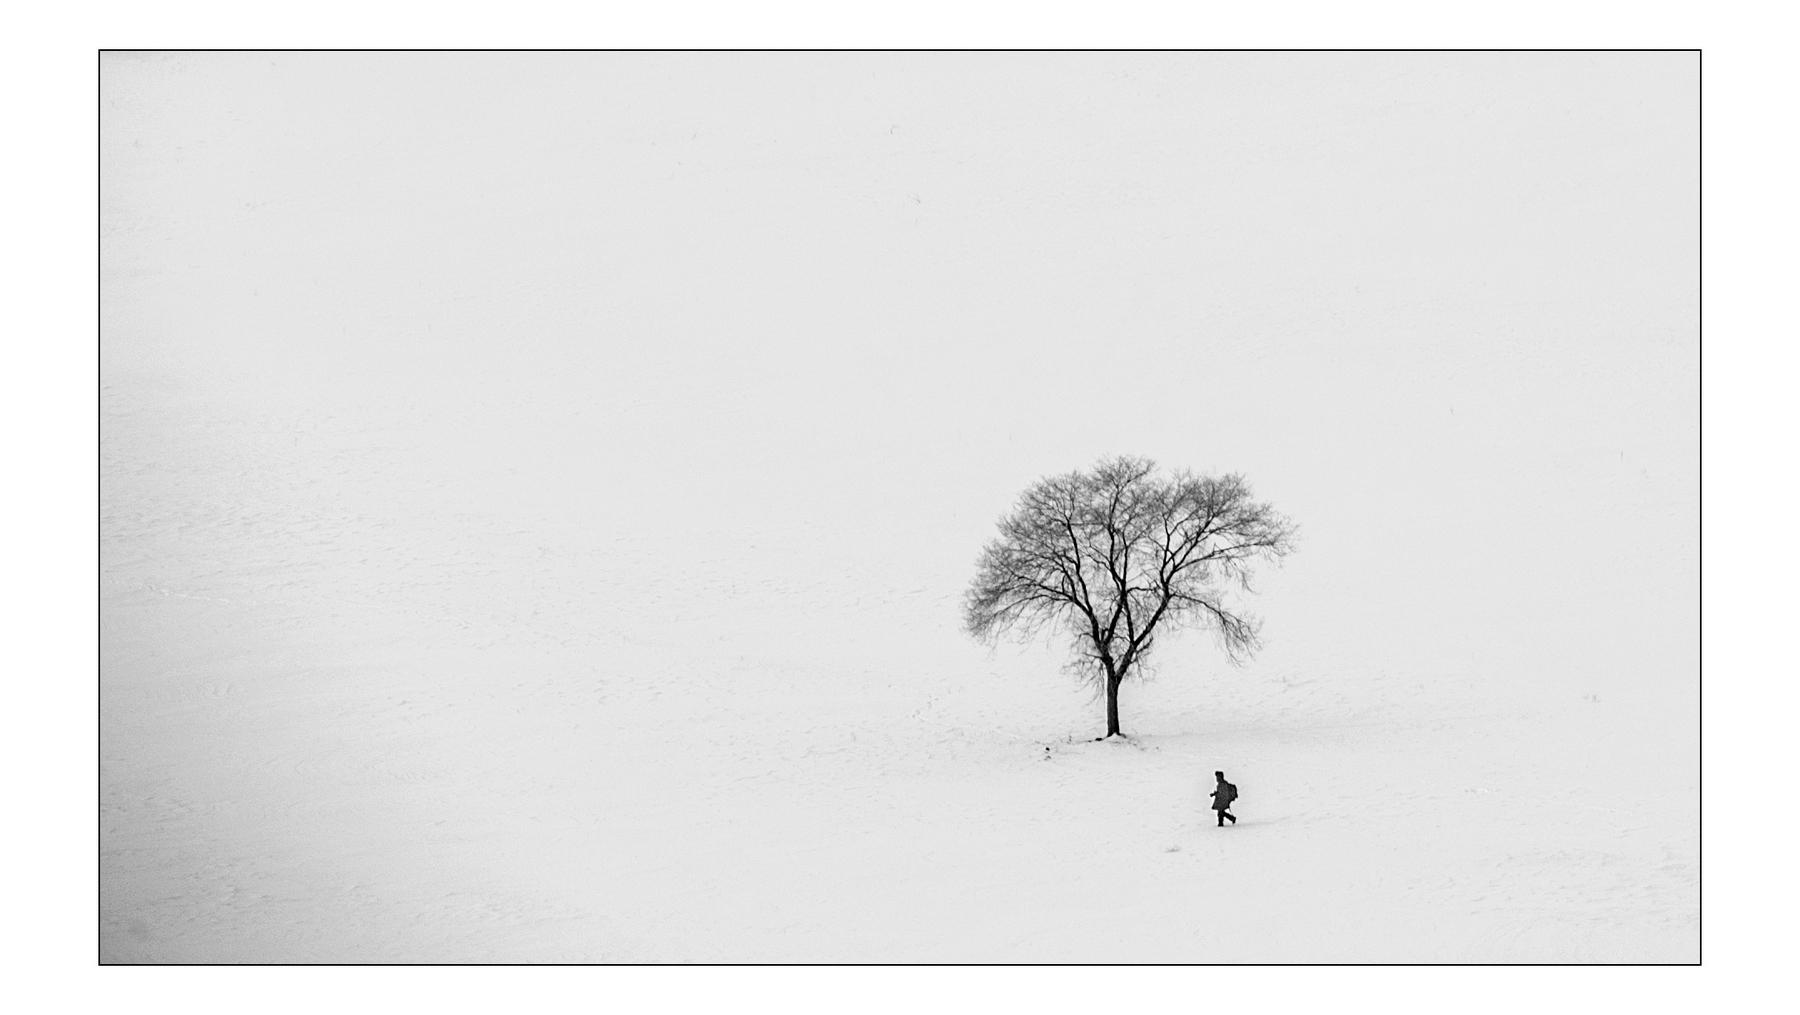 山海原野作品:风雪摄影人